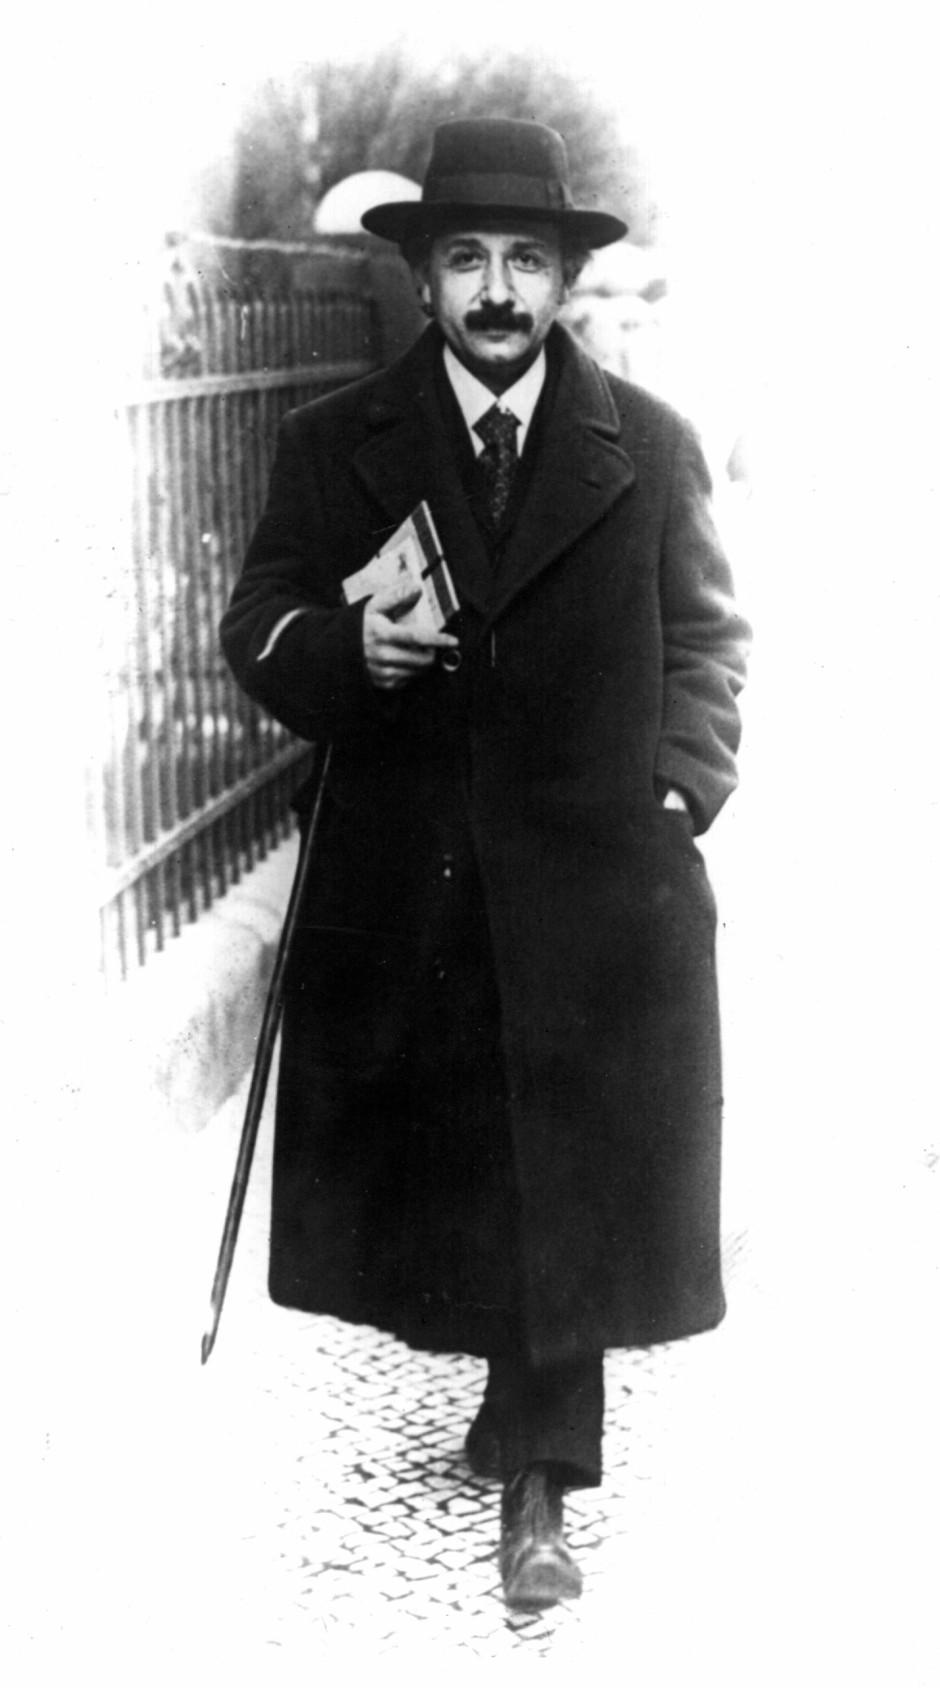 Die Sonnenfinsternis im Jahr 1919 verhalf Einstein zum Ruhm, datiert 1920.